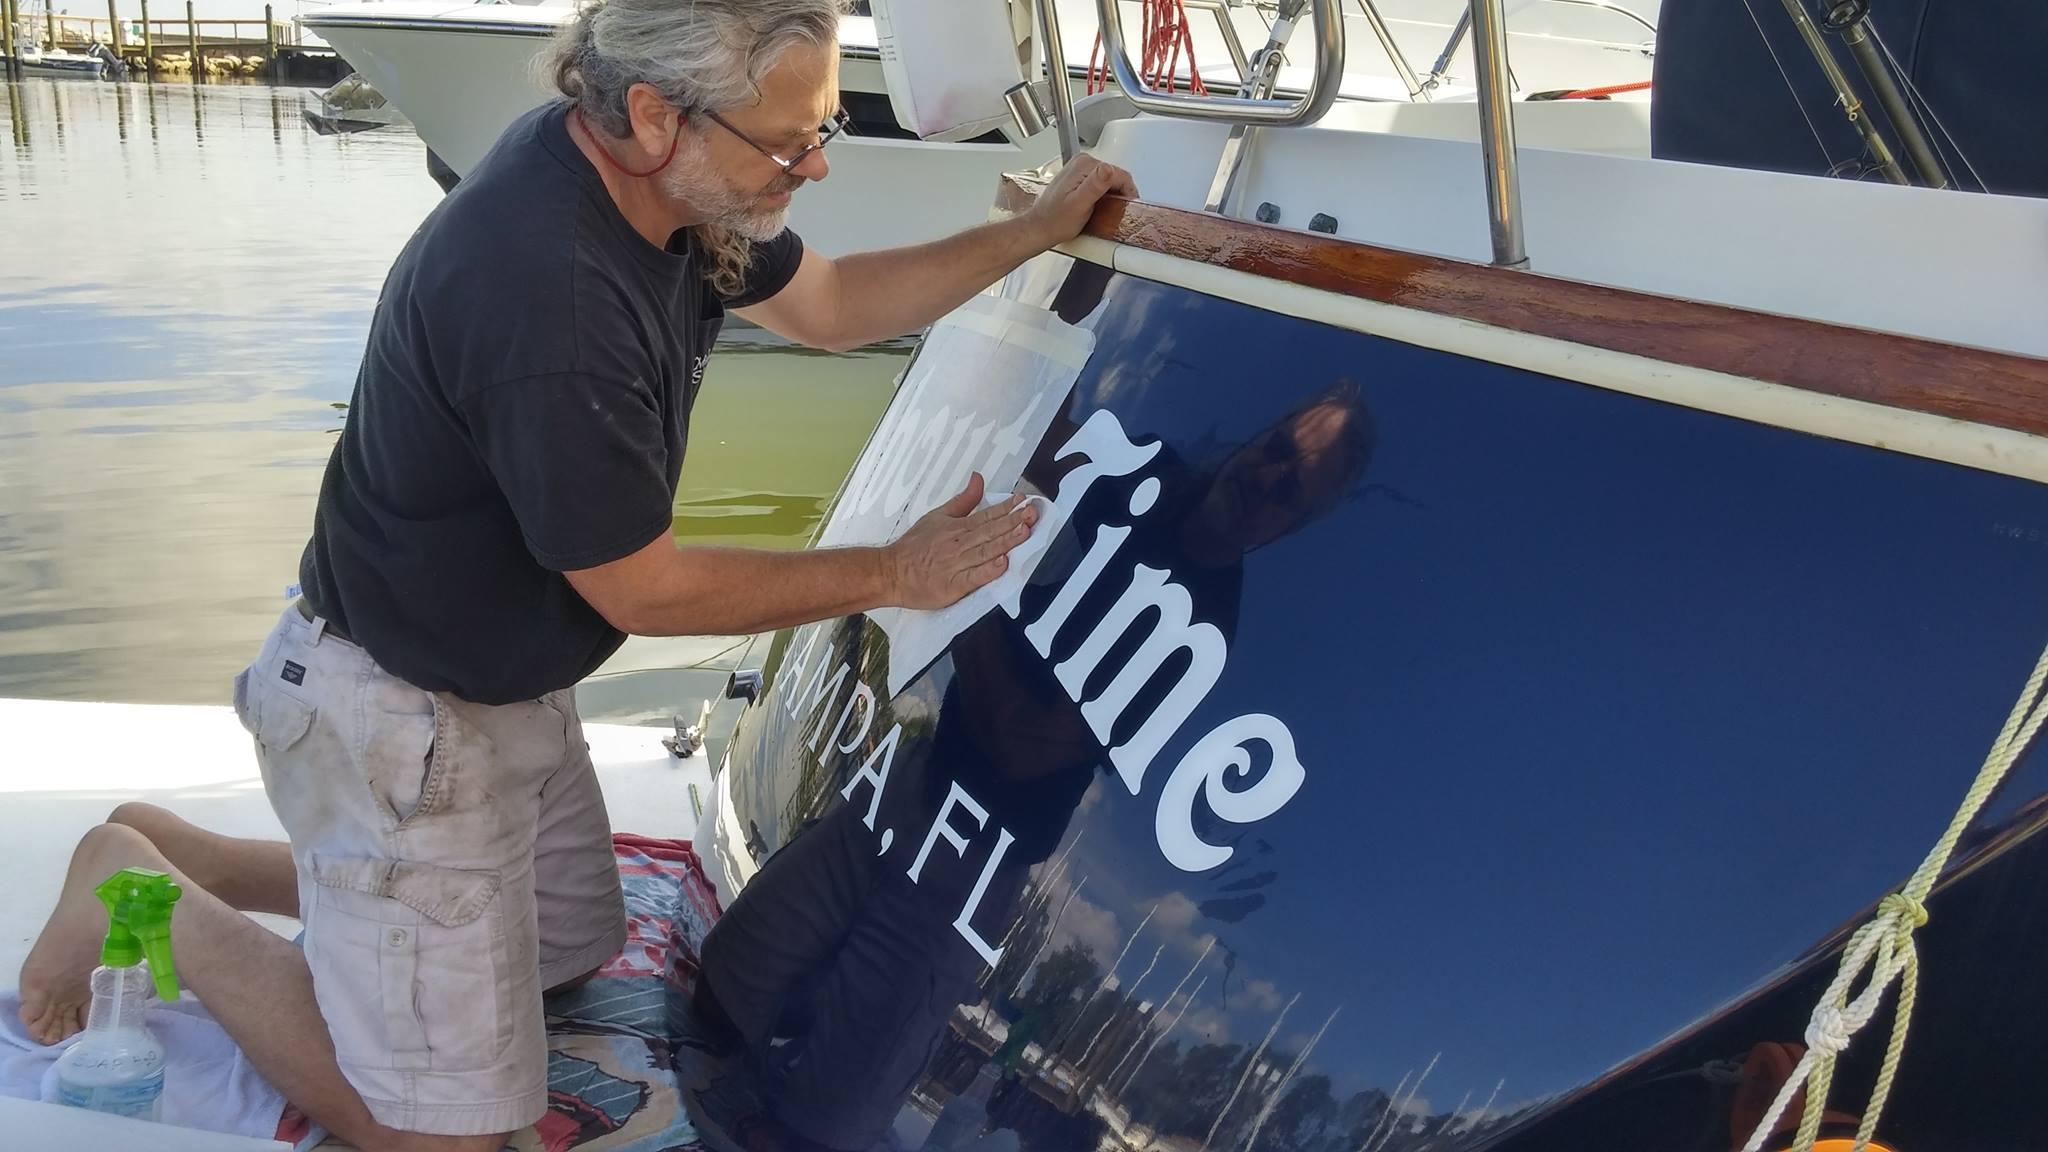 Installing_Vinyl_Boat_Name_Tampa